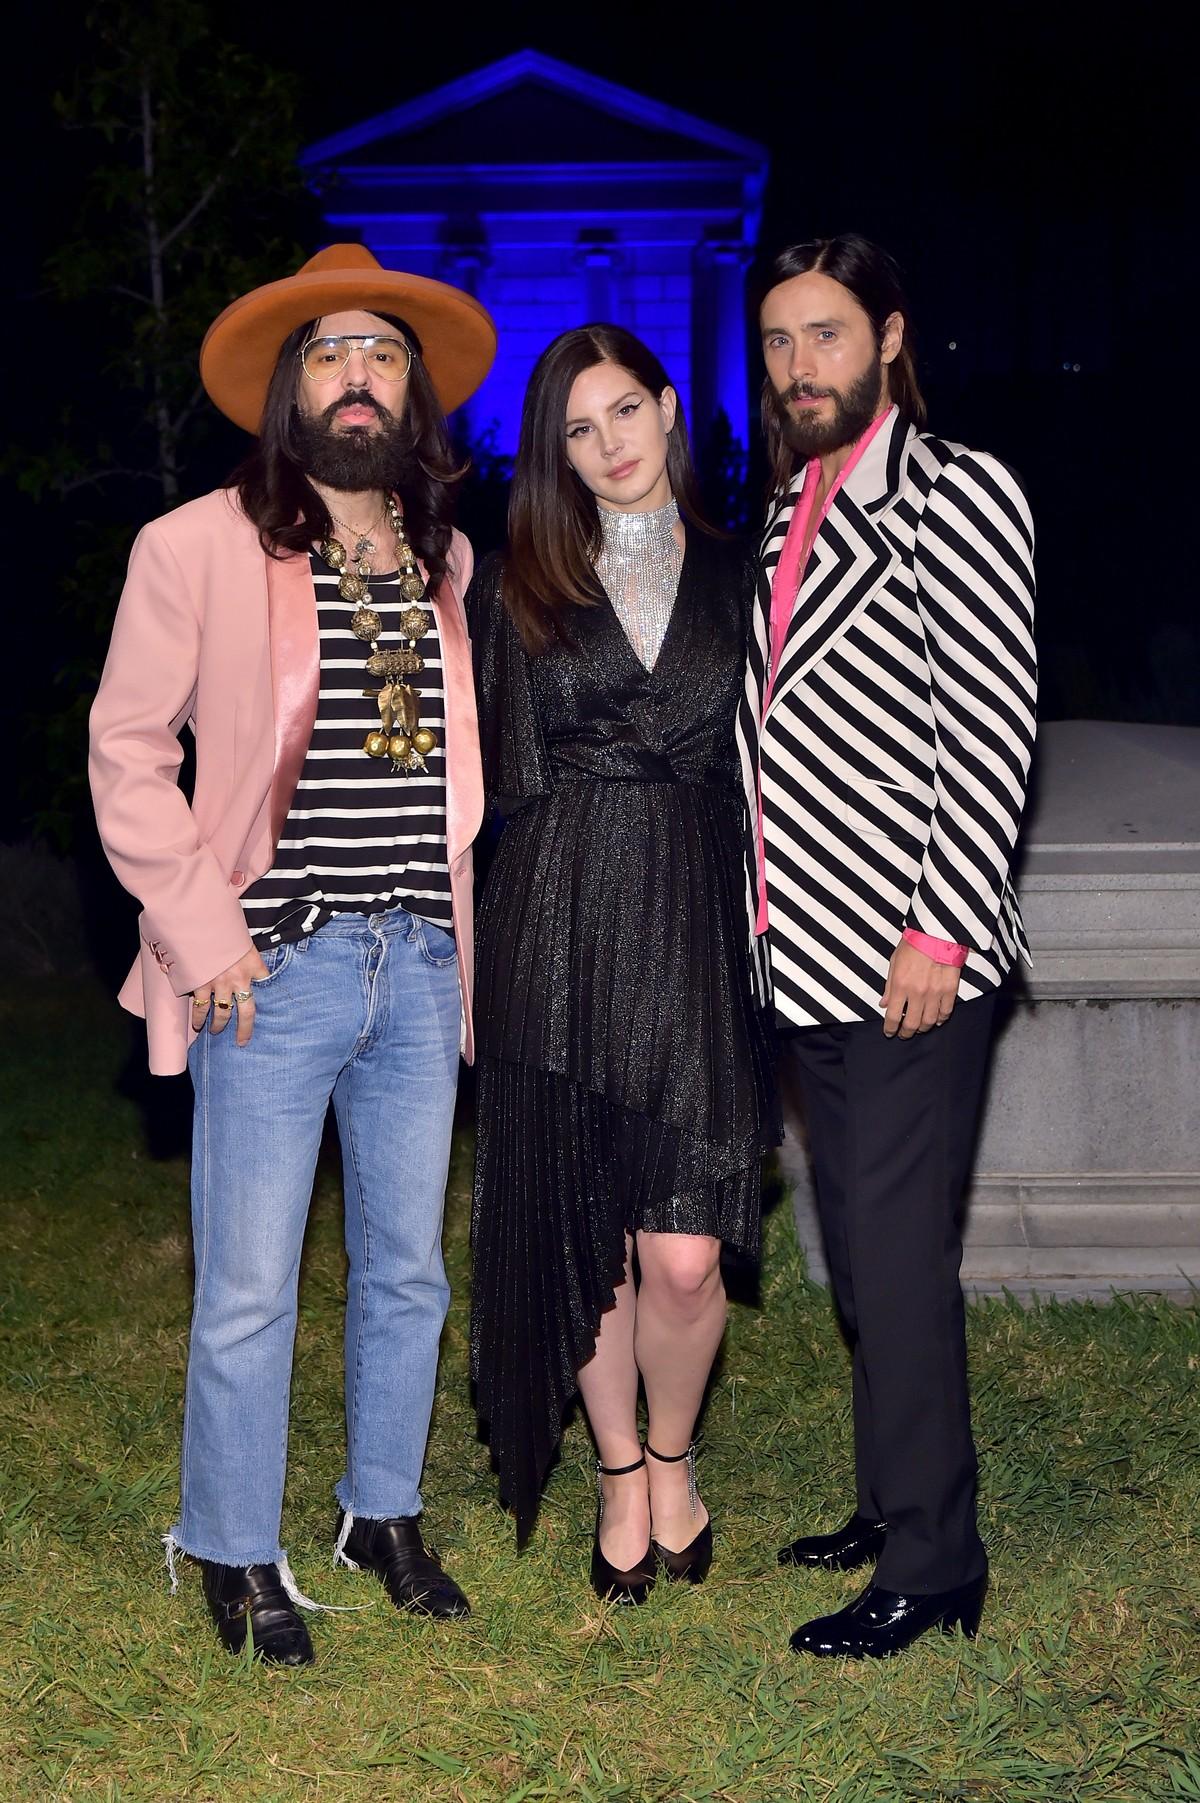 Gucci Guilty Jared Leto Lana Del Rey